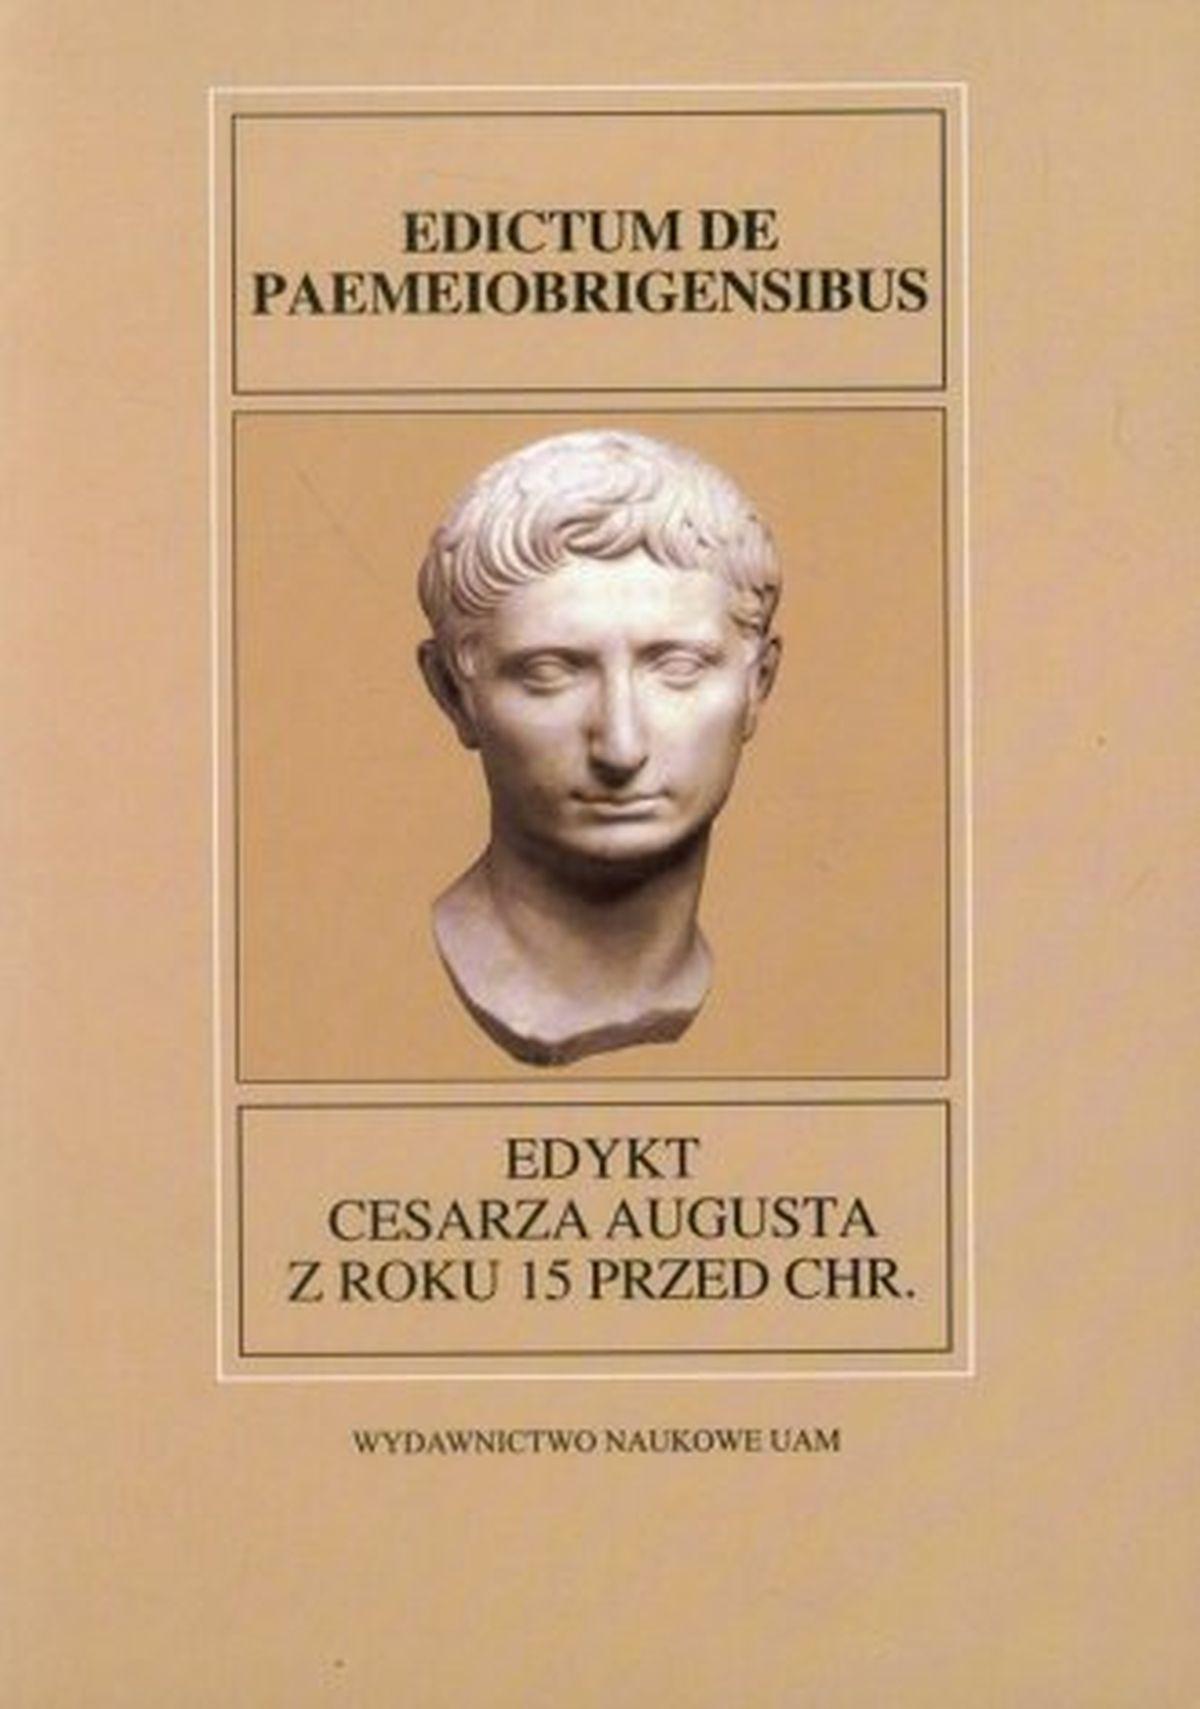 Edykt Cesarza Augusta z roku 15 przed Chr. Fontes Historiae Antiquae XXVIII